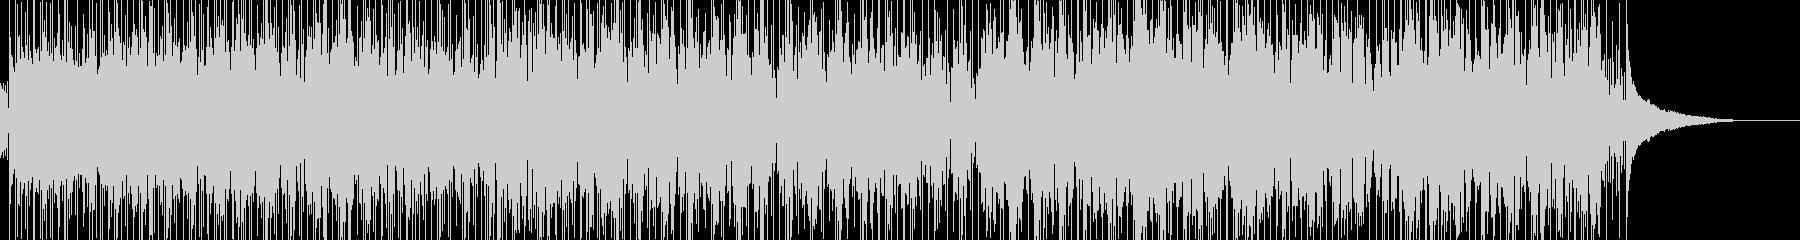 チェロとピアノの哀愁漂う幻想的なインストの未再生の波形